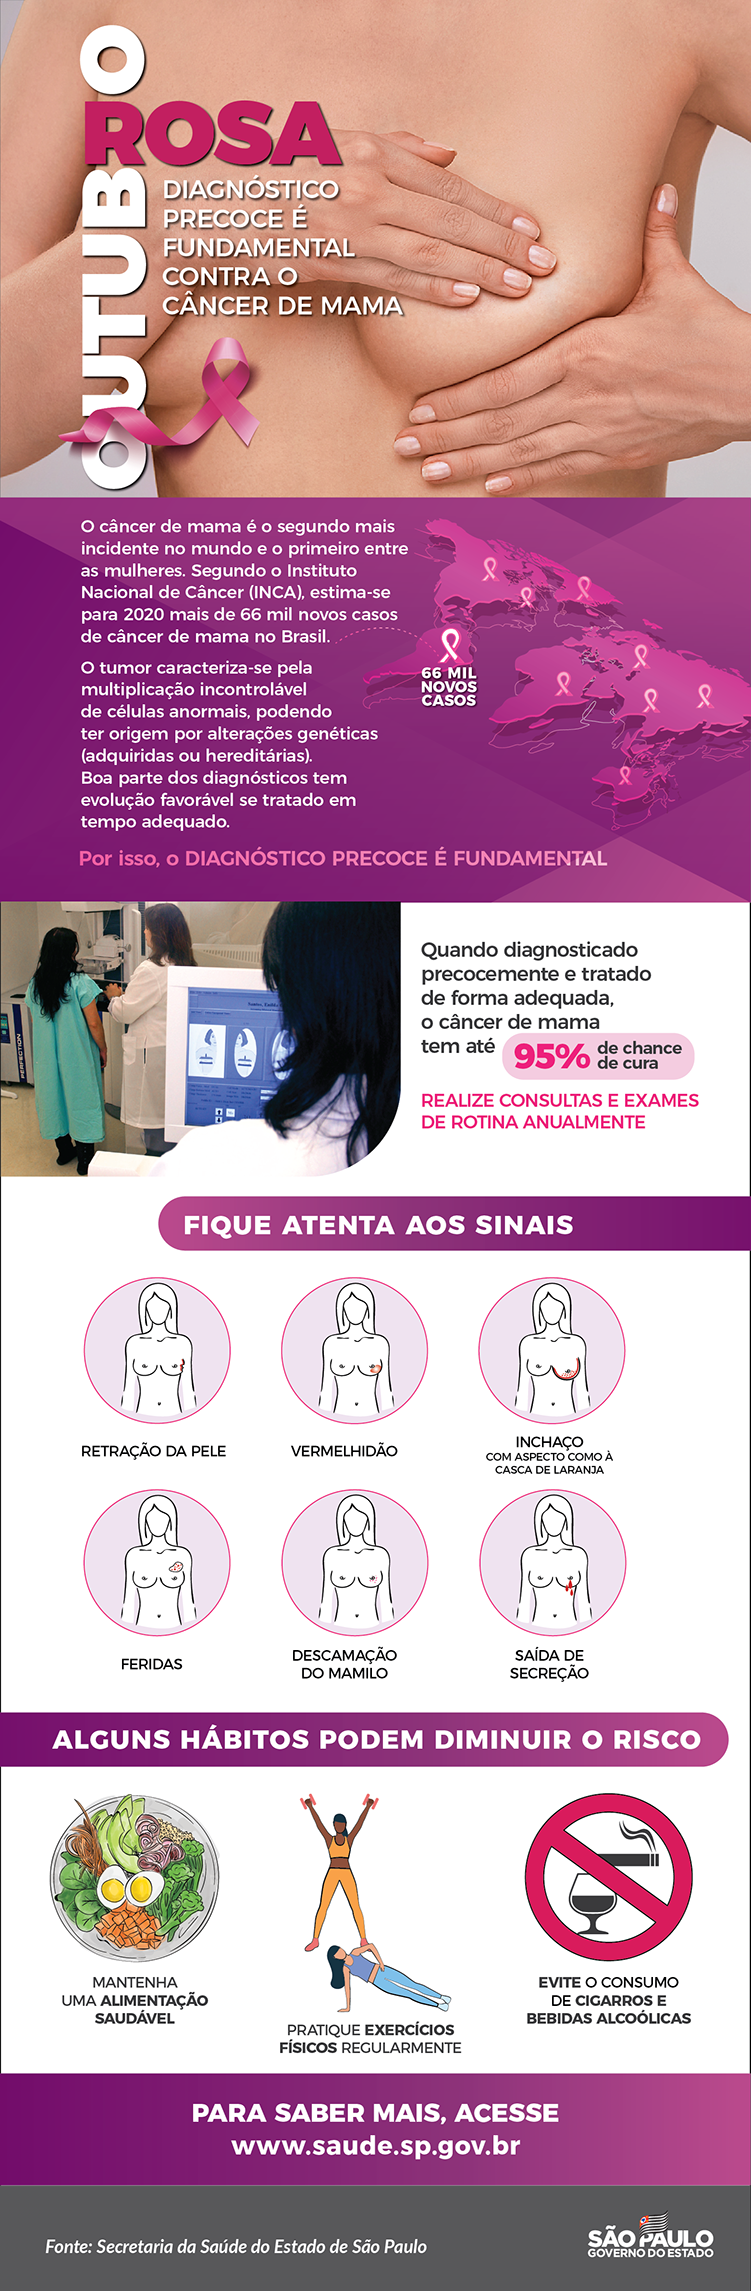 infográfico câncer de mama